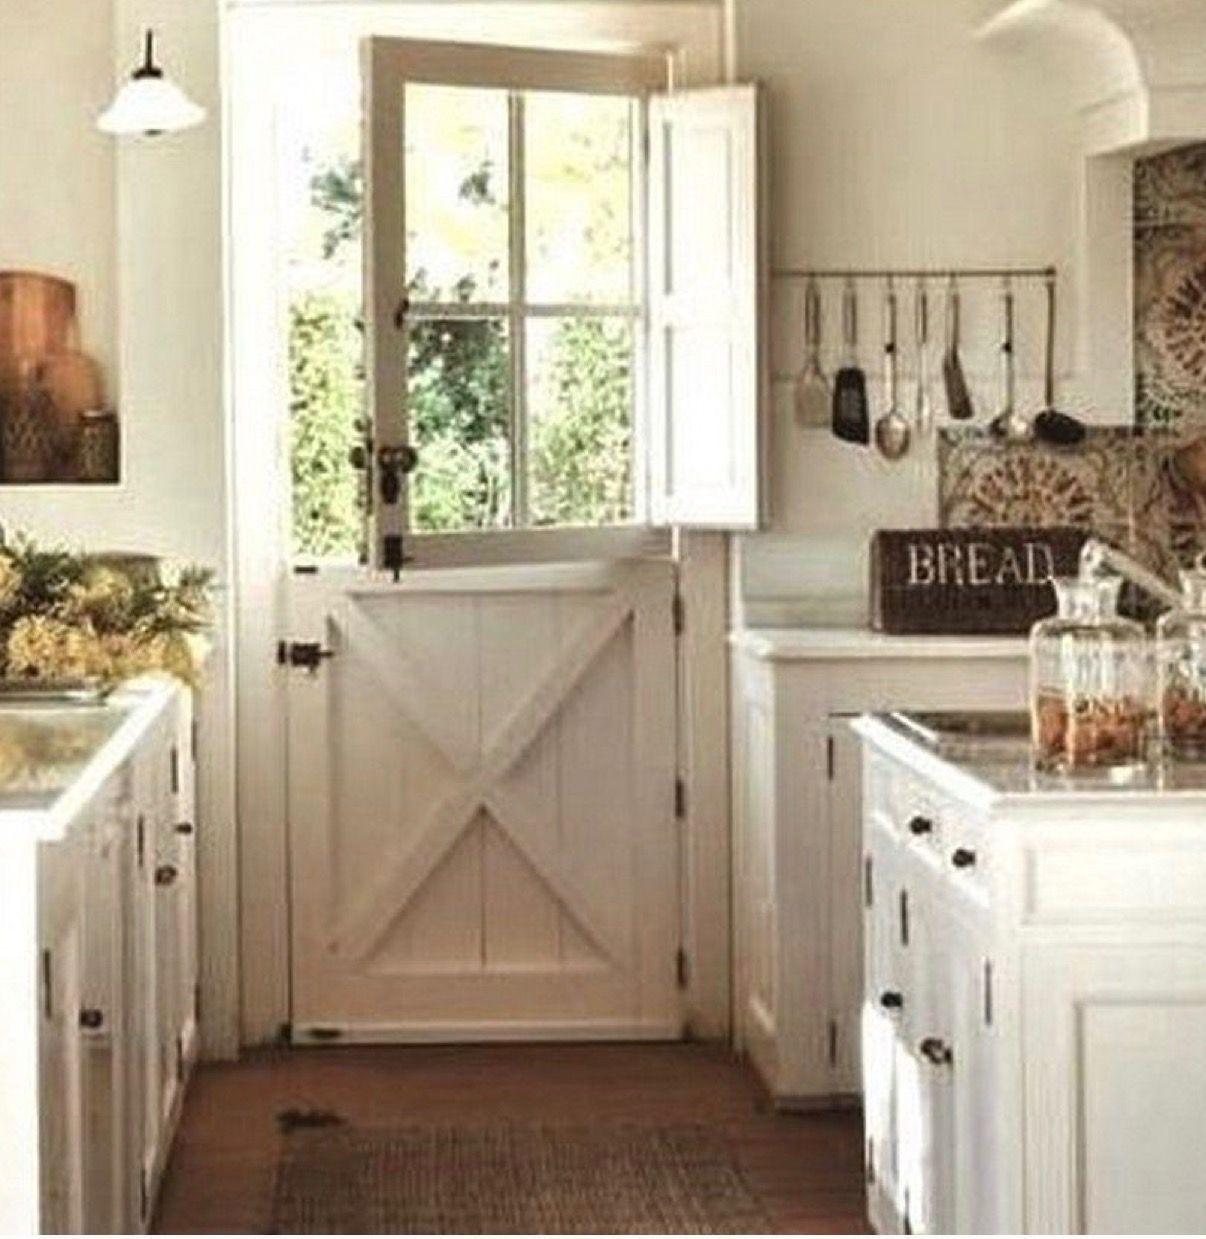 45 Impressive Farmhouse Country Kitchen Decor Ideas Home Decor